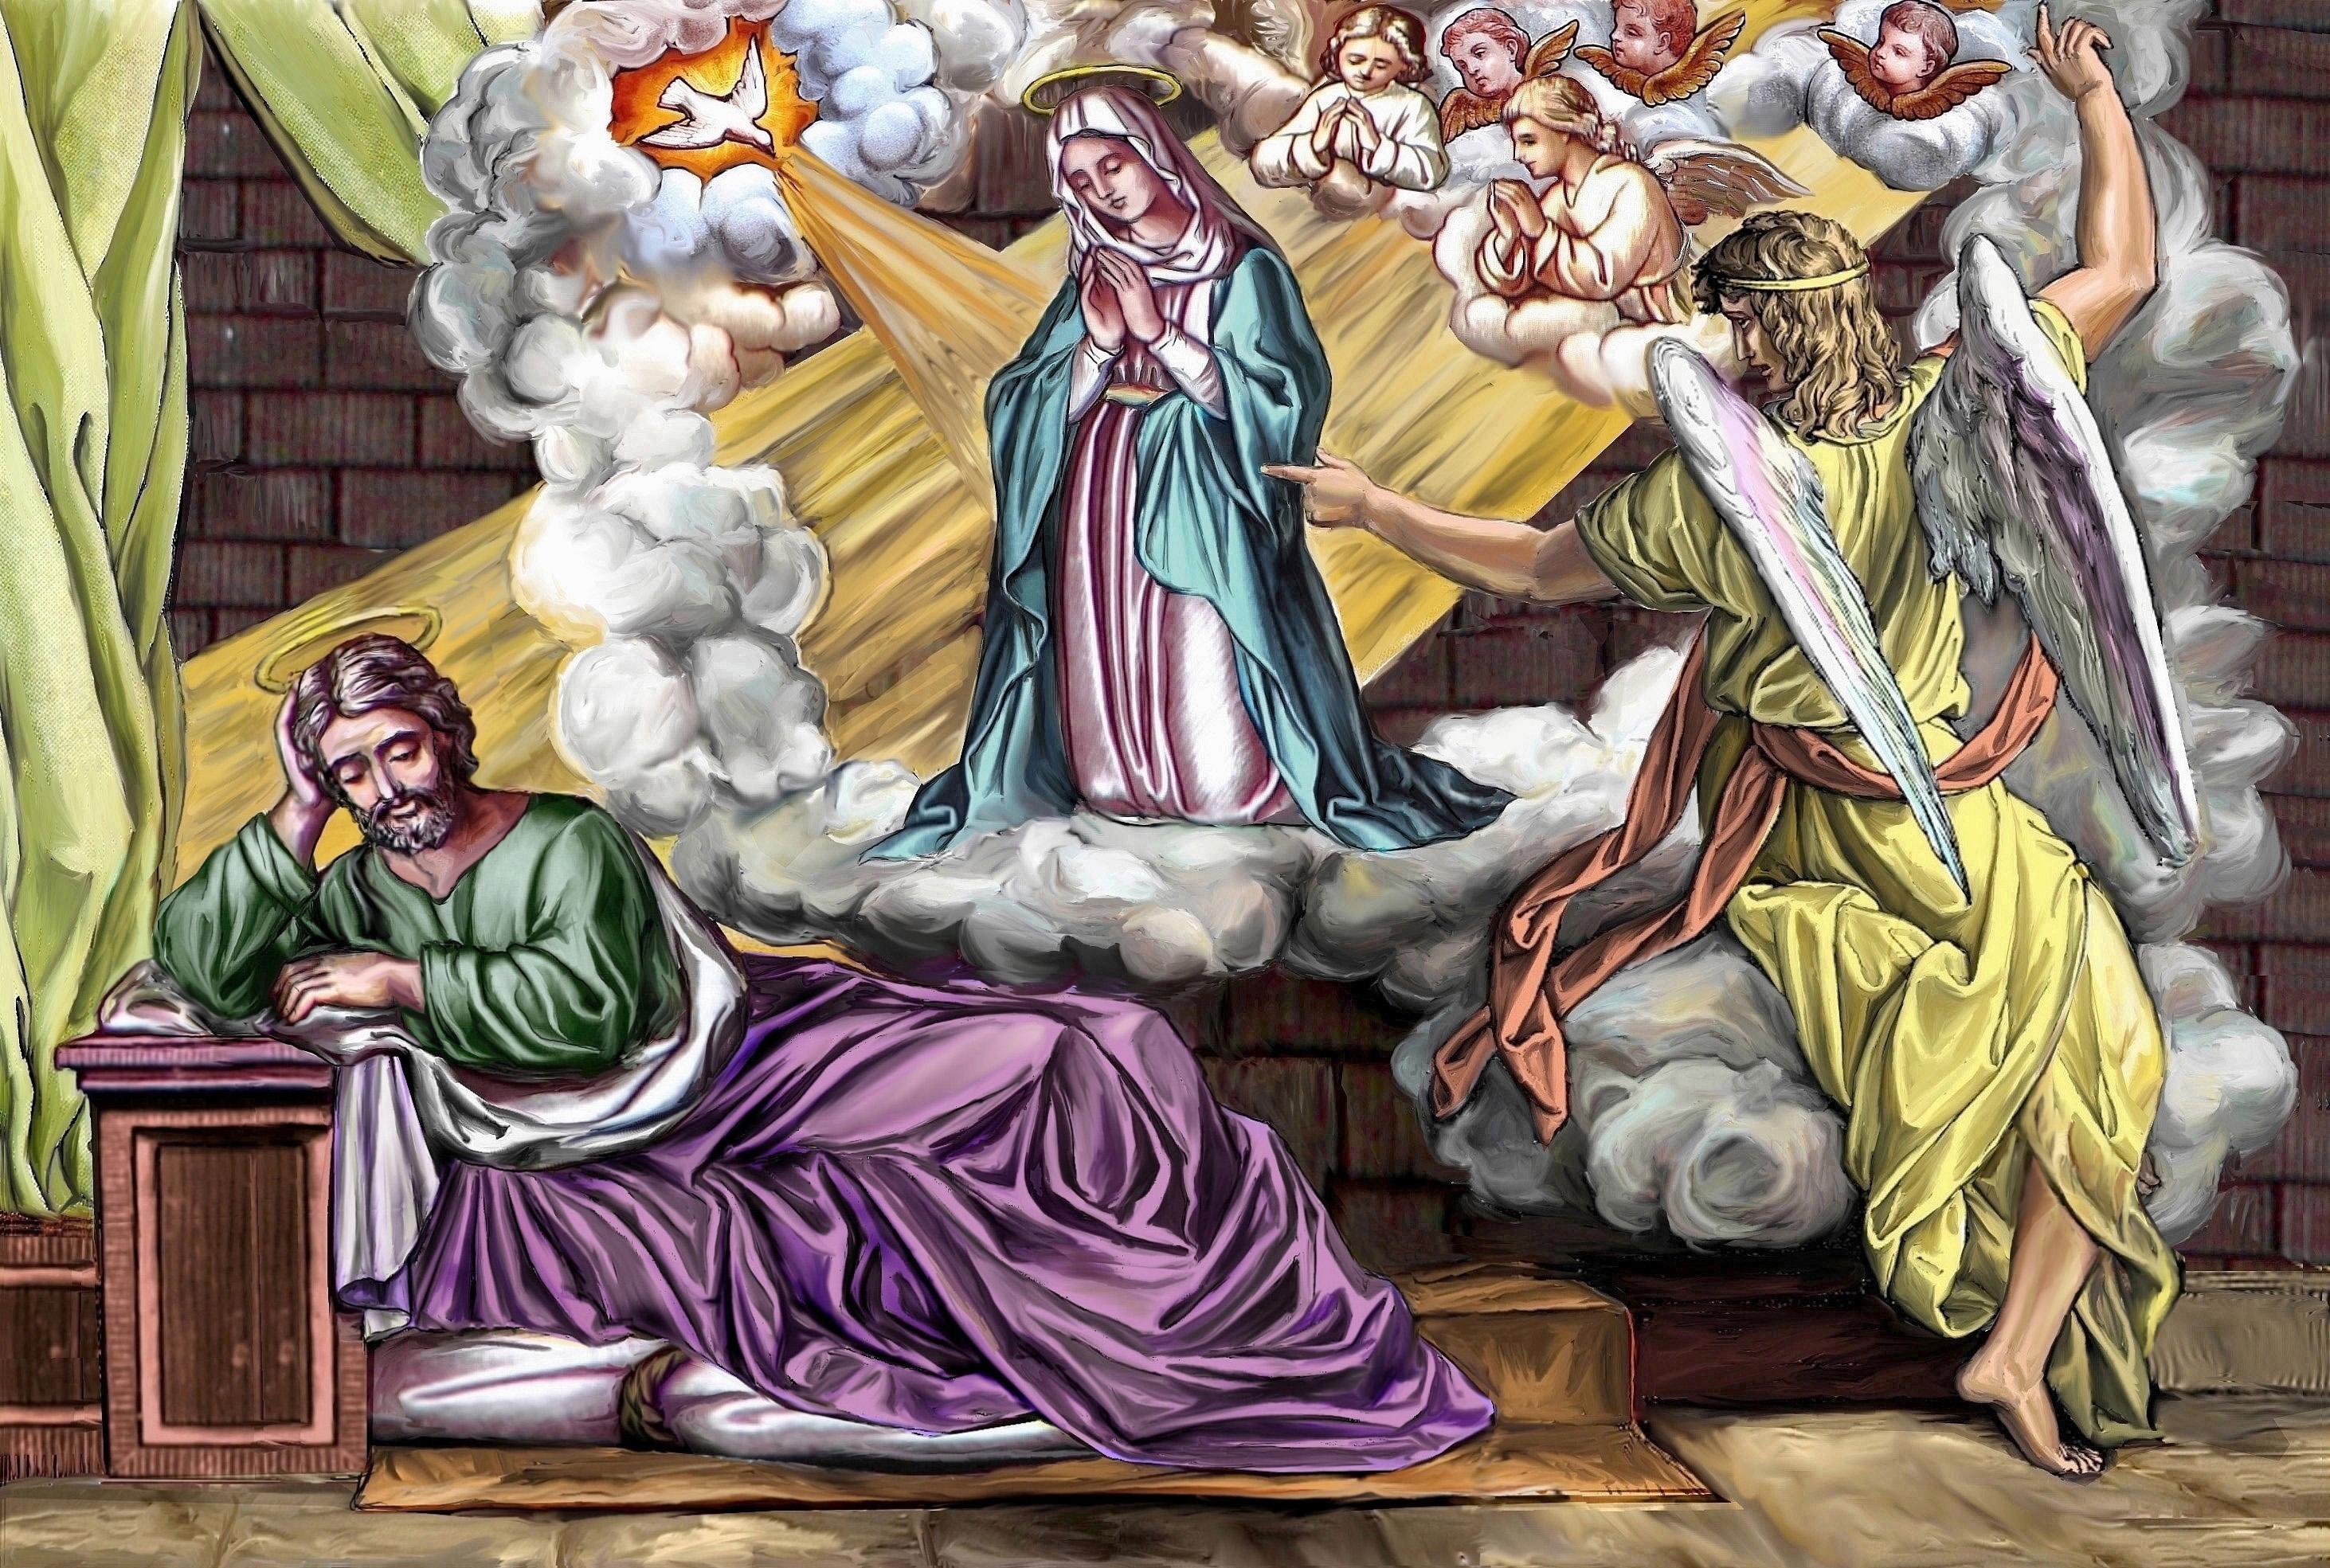 CALENDRIER CATHOLIQUE 2019 (Cantiques, Prières & Images) - Page 18 Le-songe-de-st-joseph-558778e